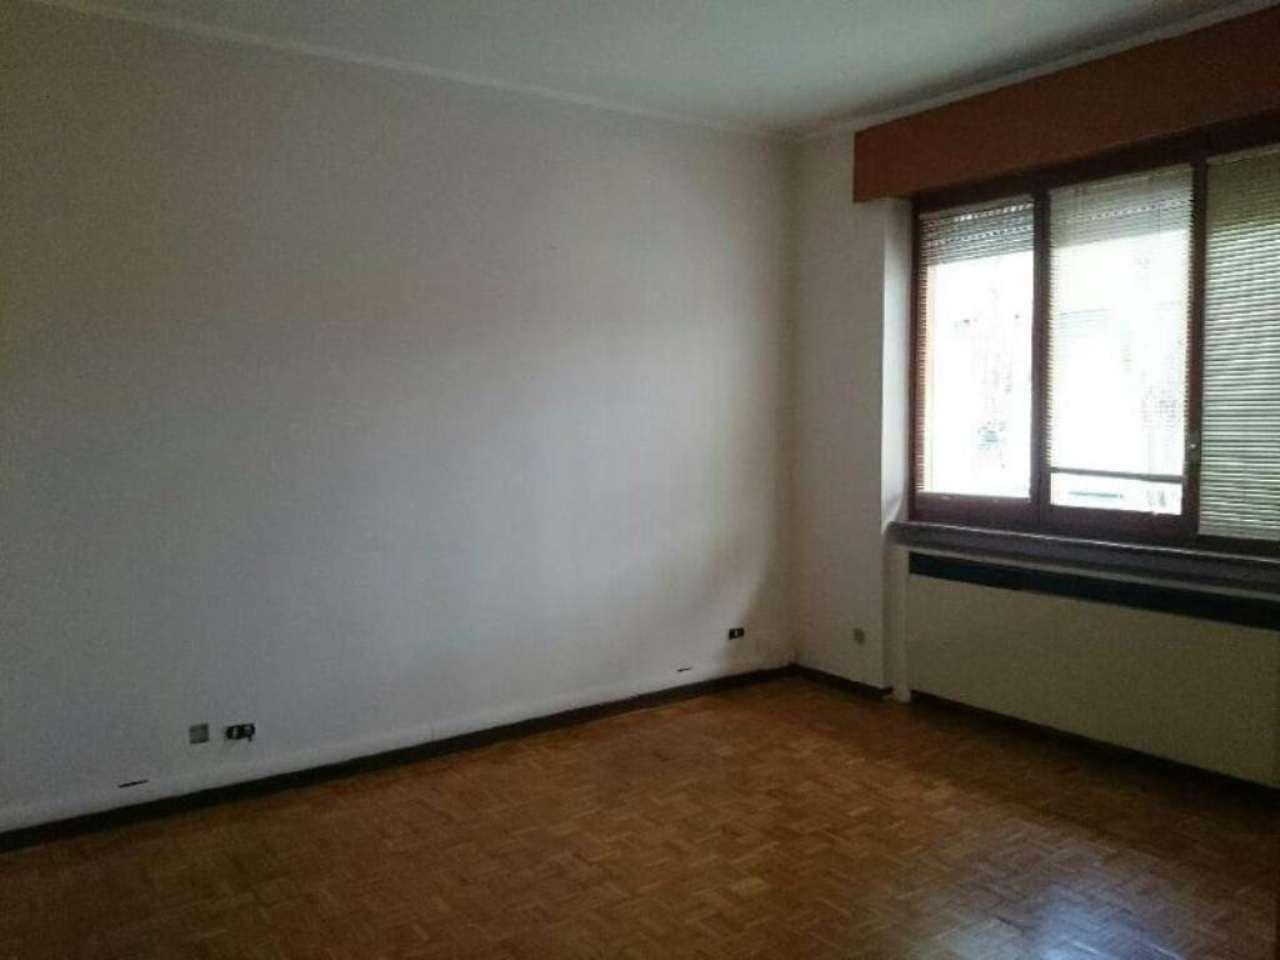 Ufficio / Studio in affitto a Cernusco sul Naviglio, 9999 locali, prezzo € 750   Cambio Casa.it